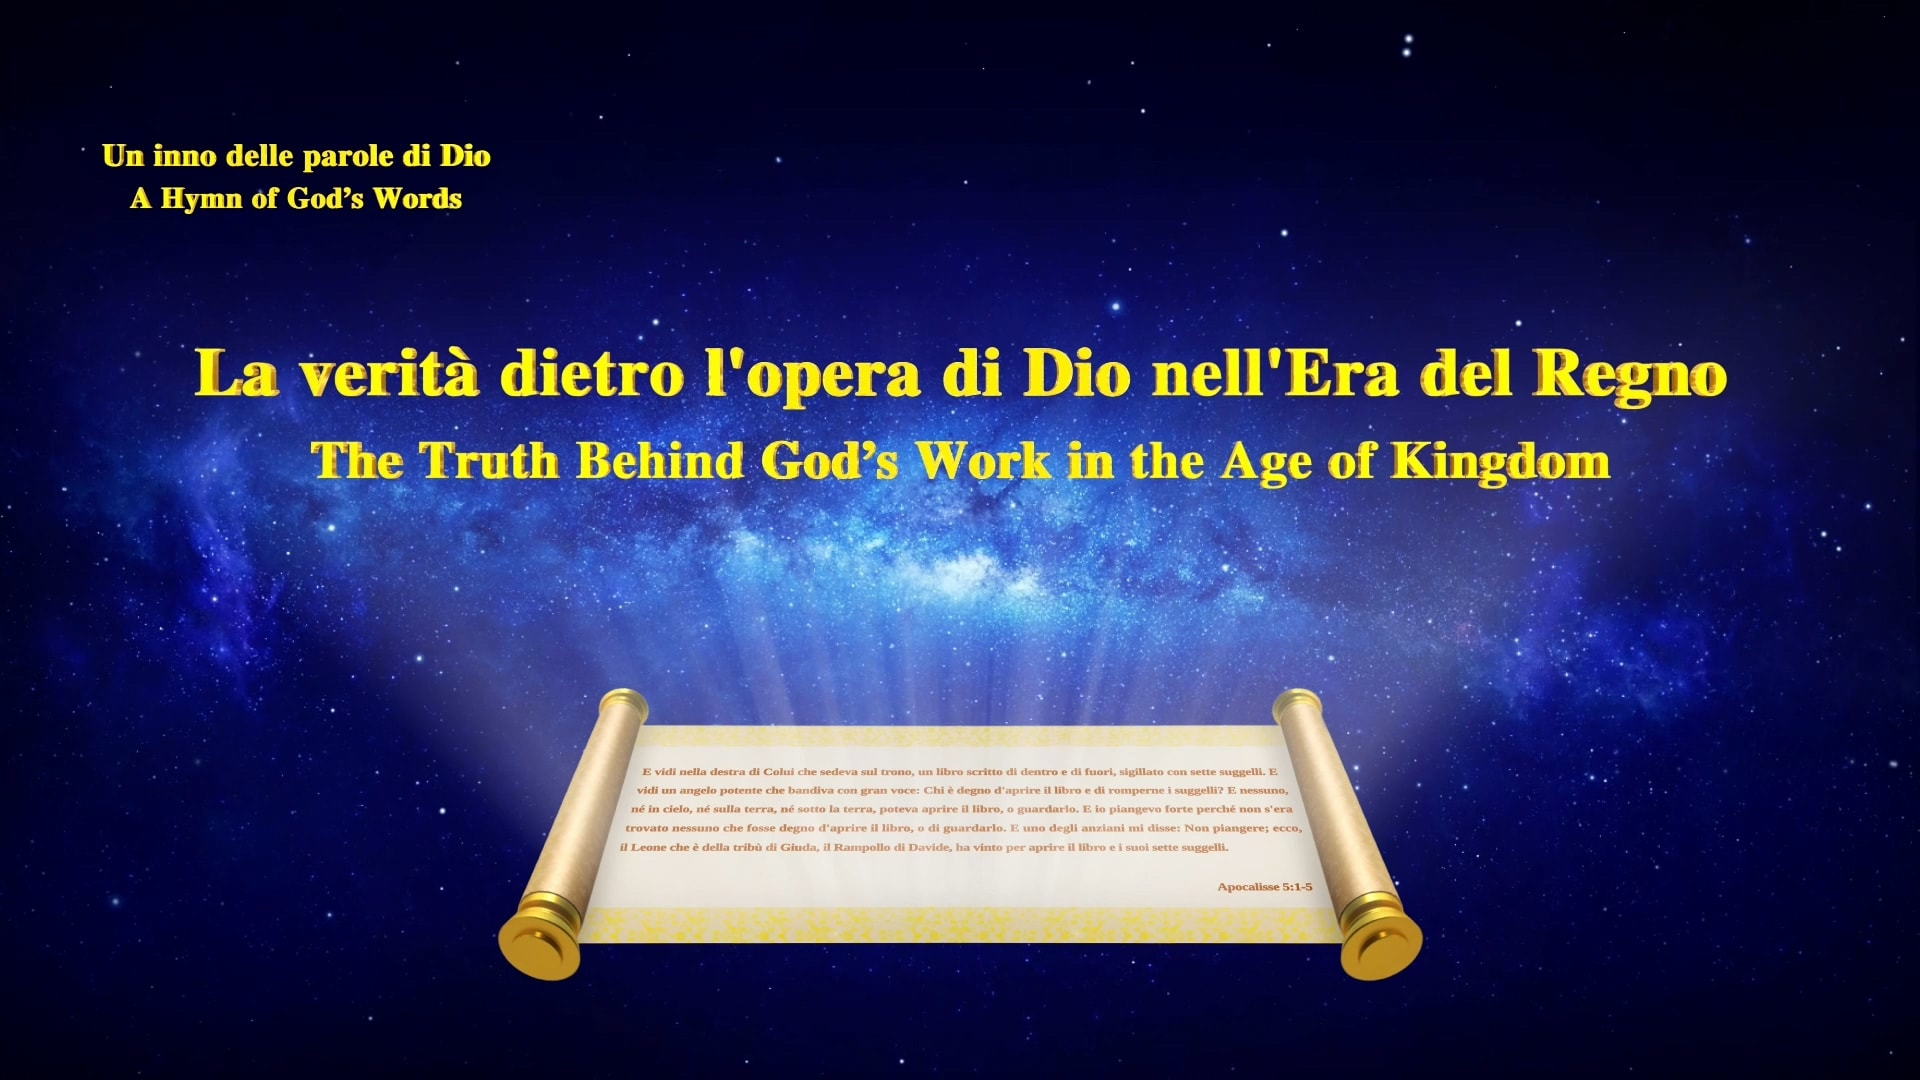 La verità dietro l'opera di Dio nell'Era del Regno | Lodare Dio Onnipotente